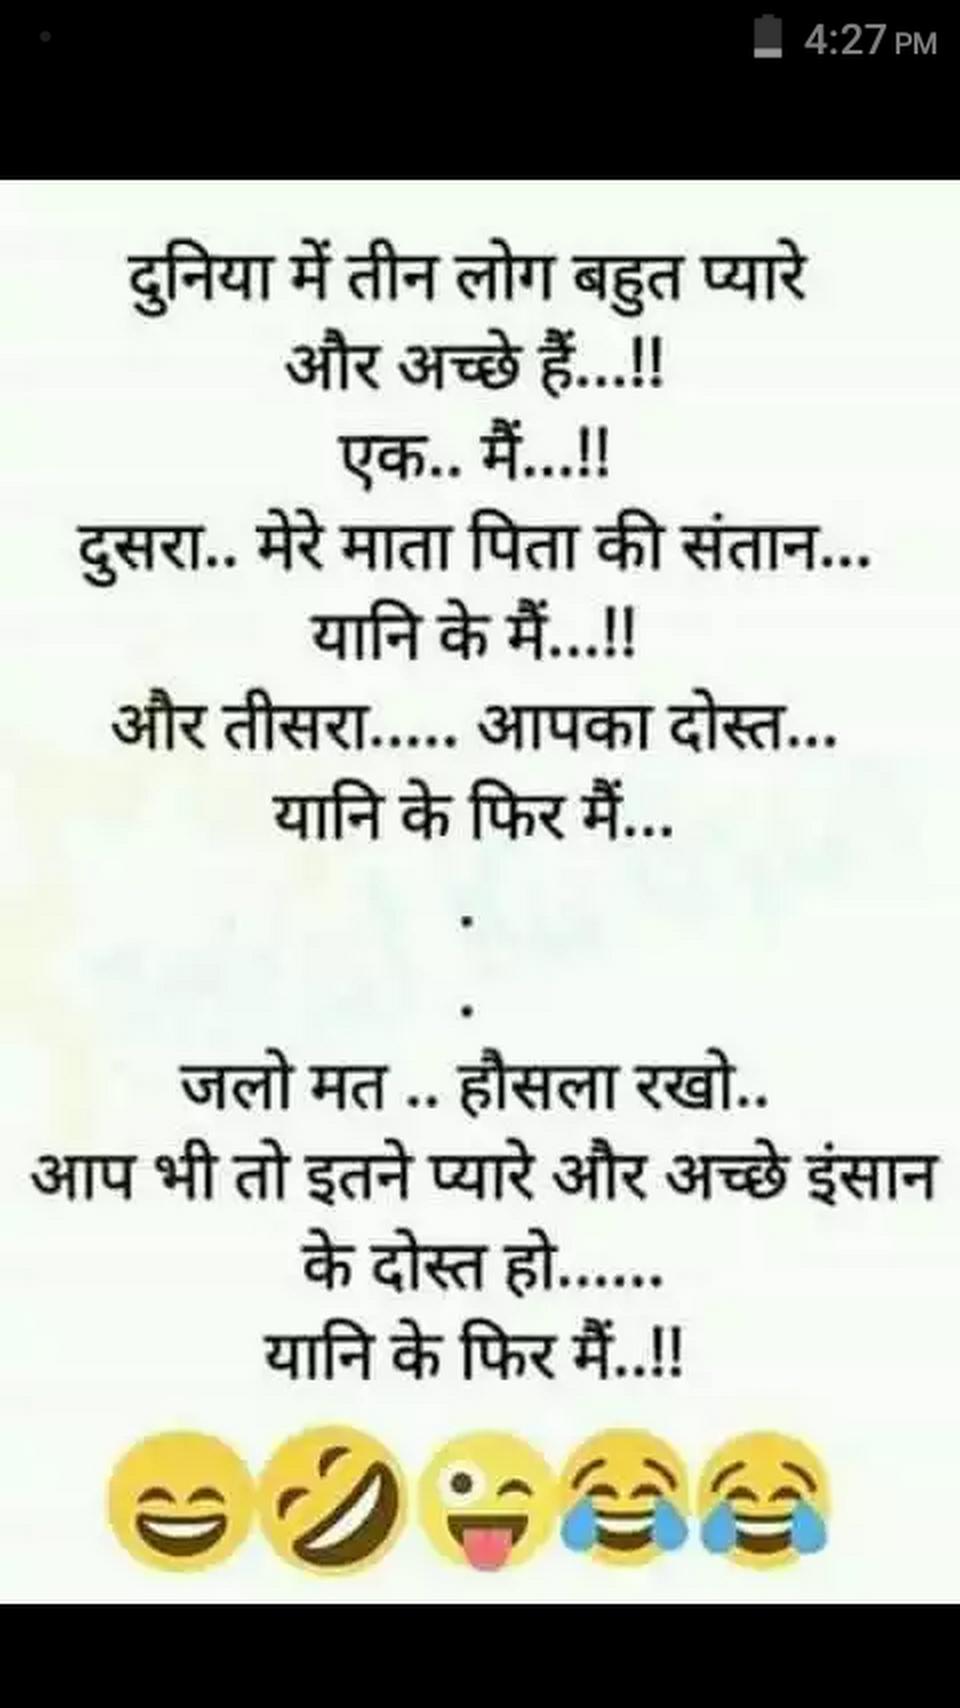 Hahahaha Be happy always 😂😁 TC Very funny jokes, Some